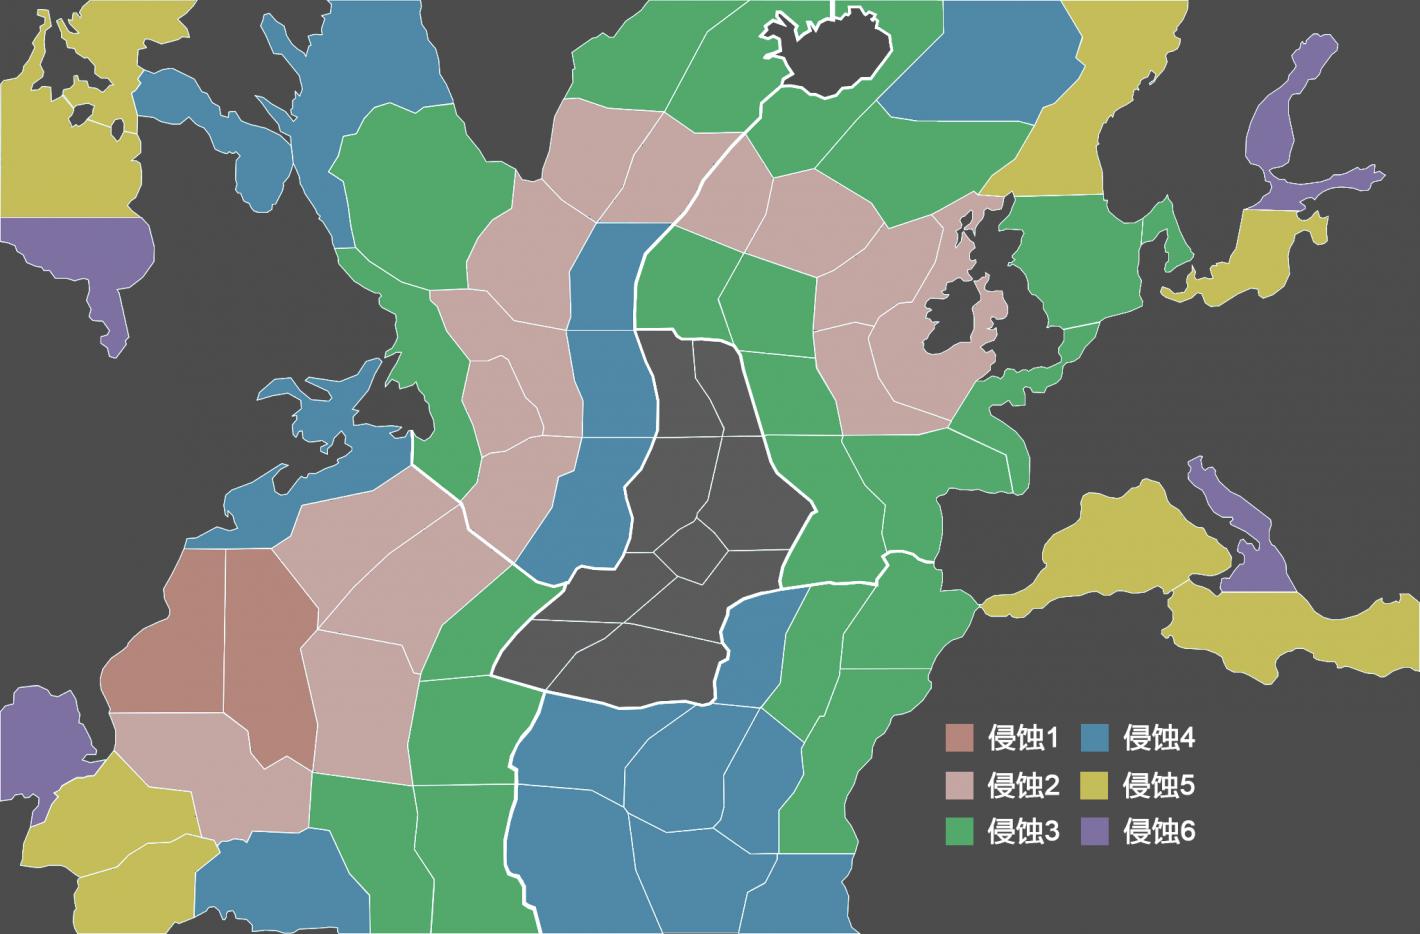 大世界NA海域地图(侵蚀度分布).png